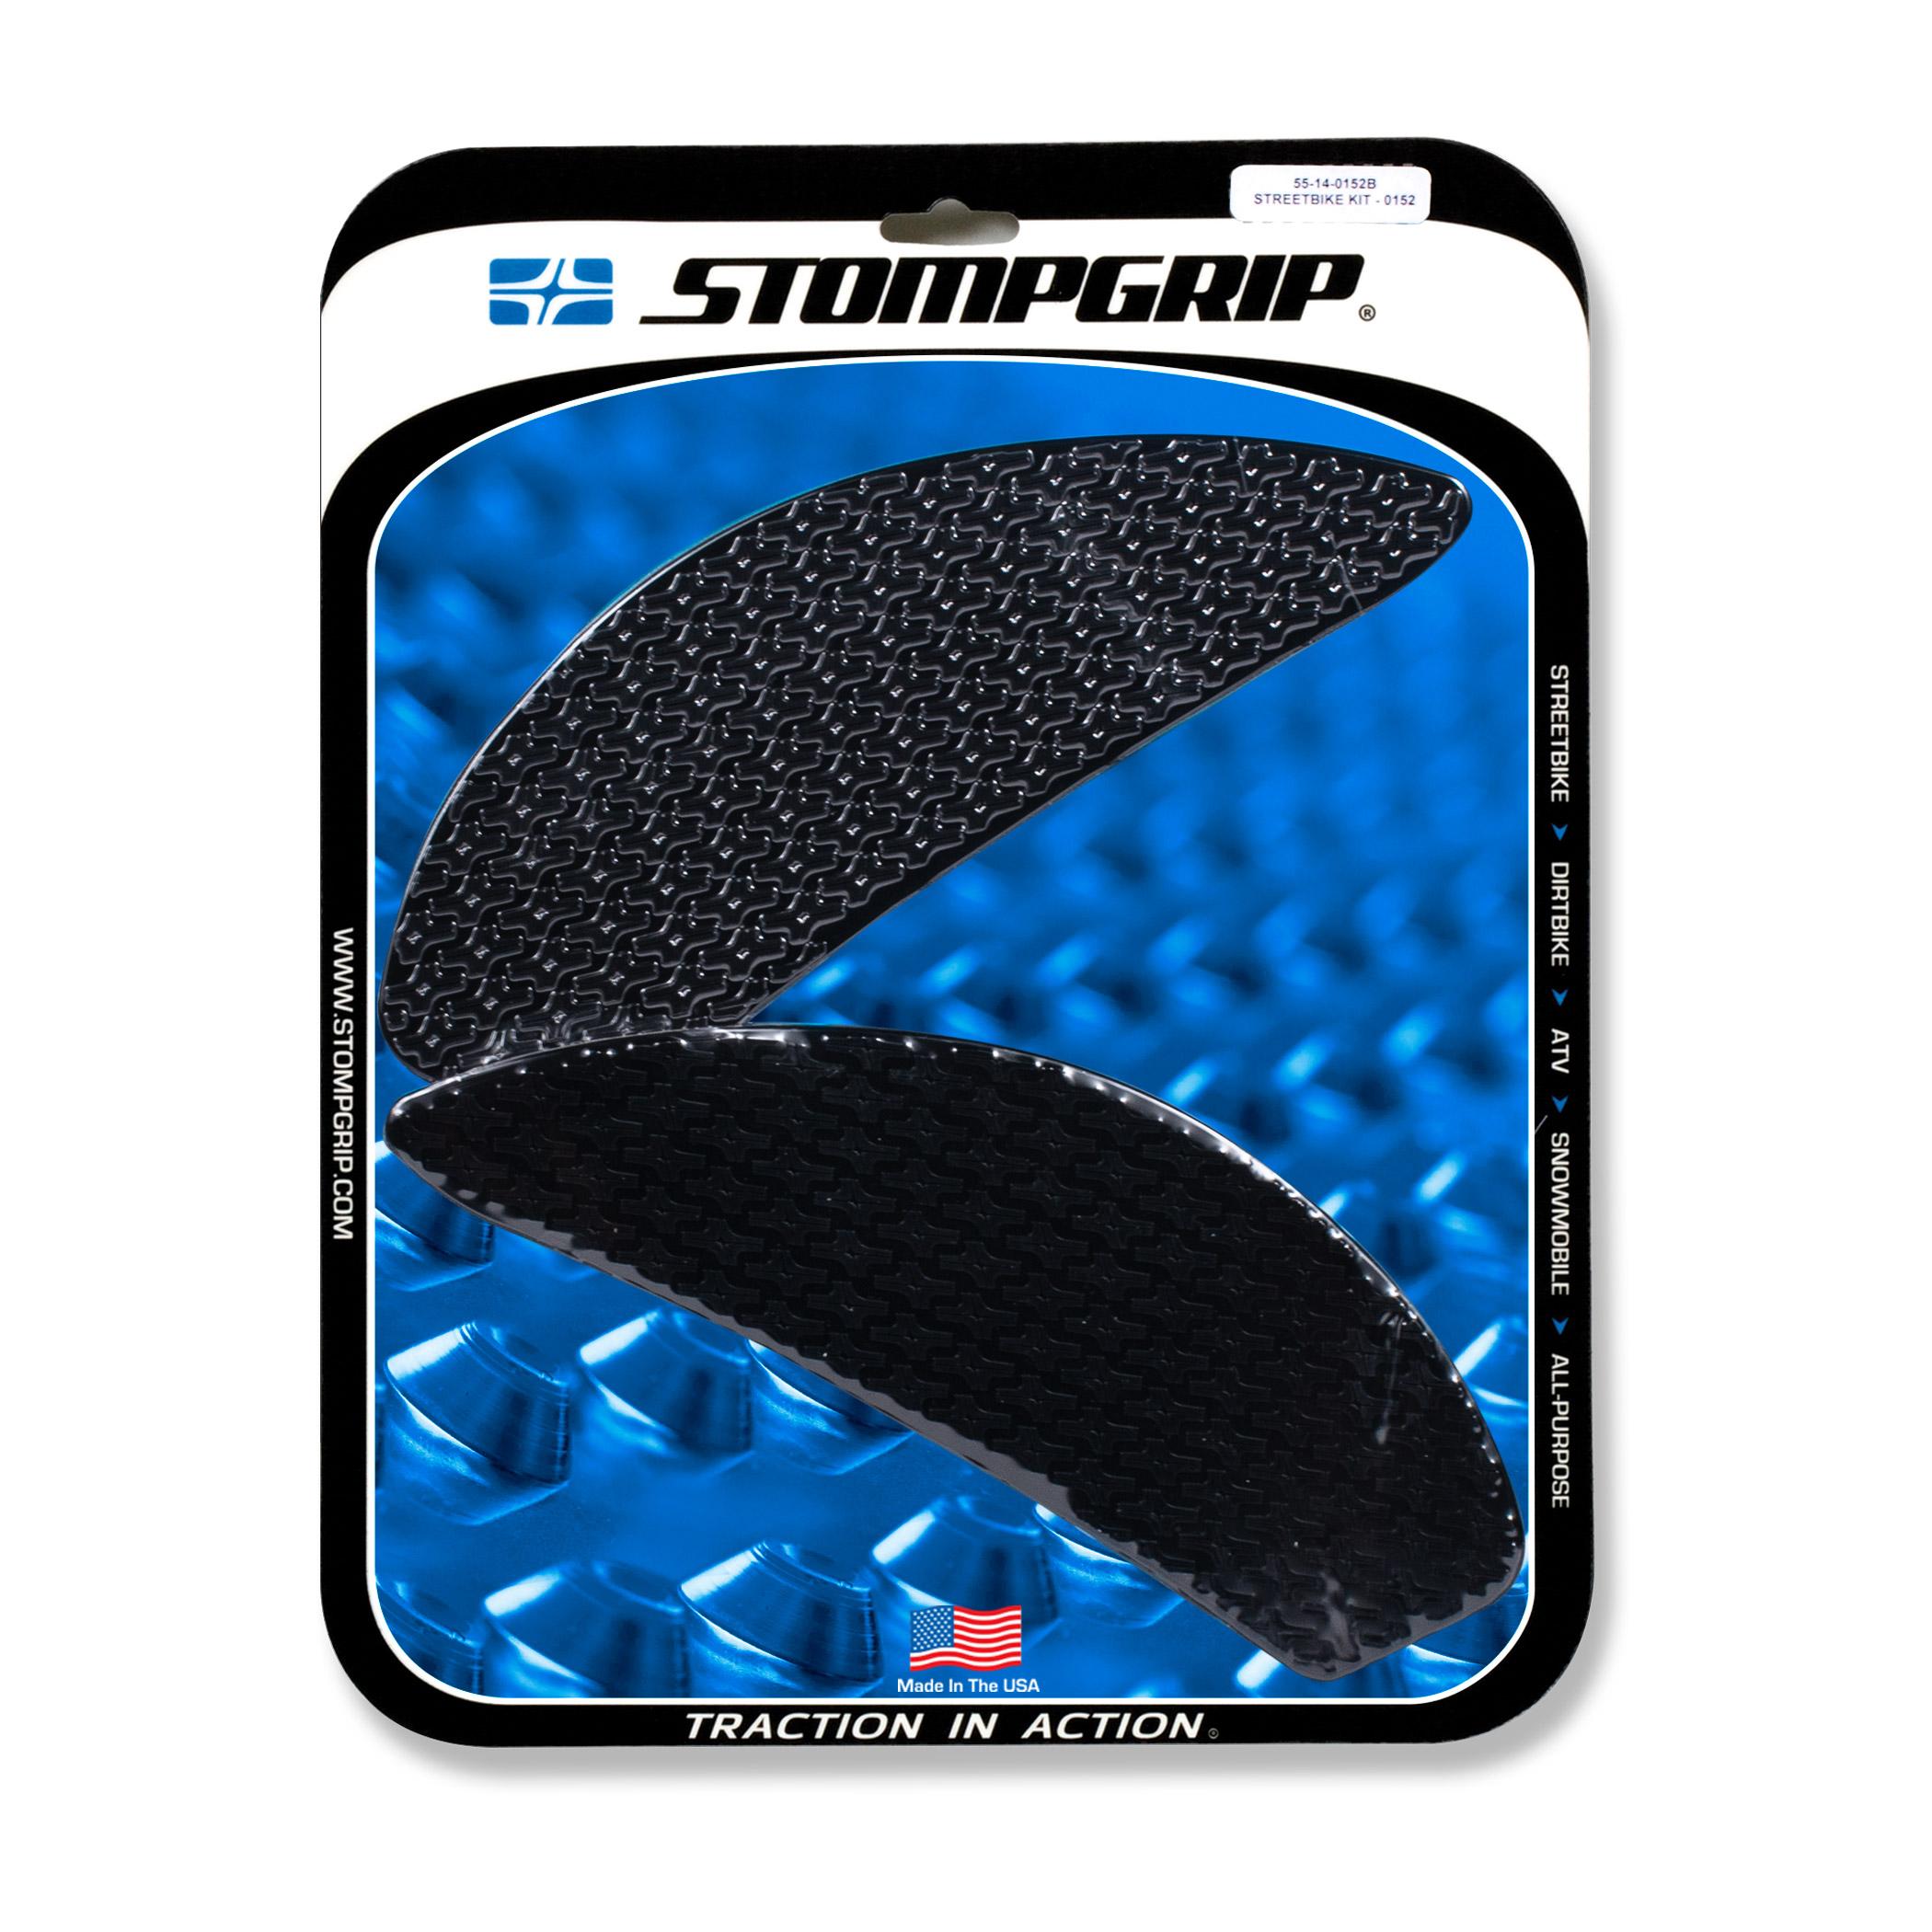 Stompgrip schwarz, für Suzuki GSX250R (2018-'19)